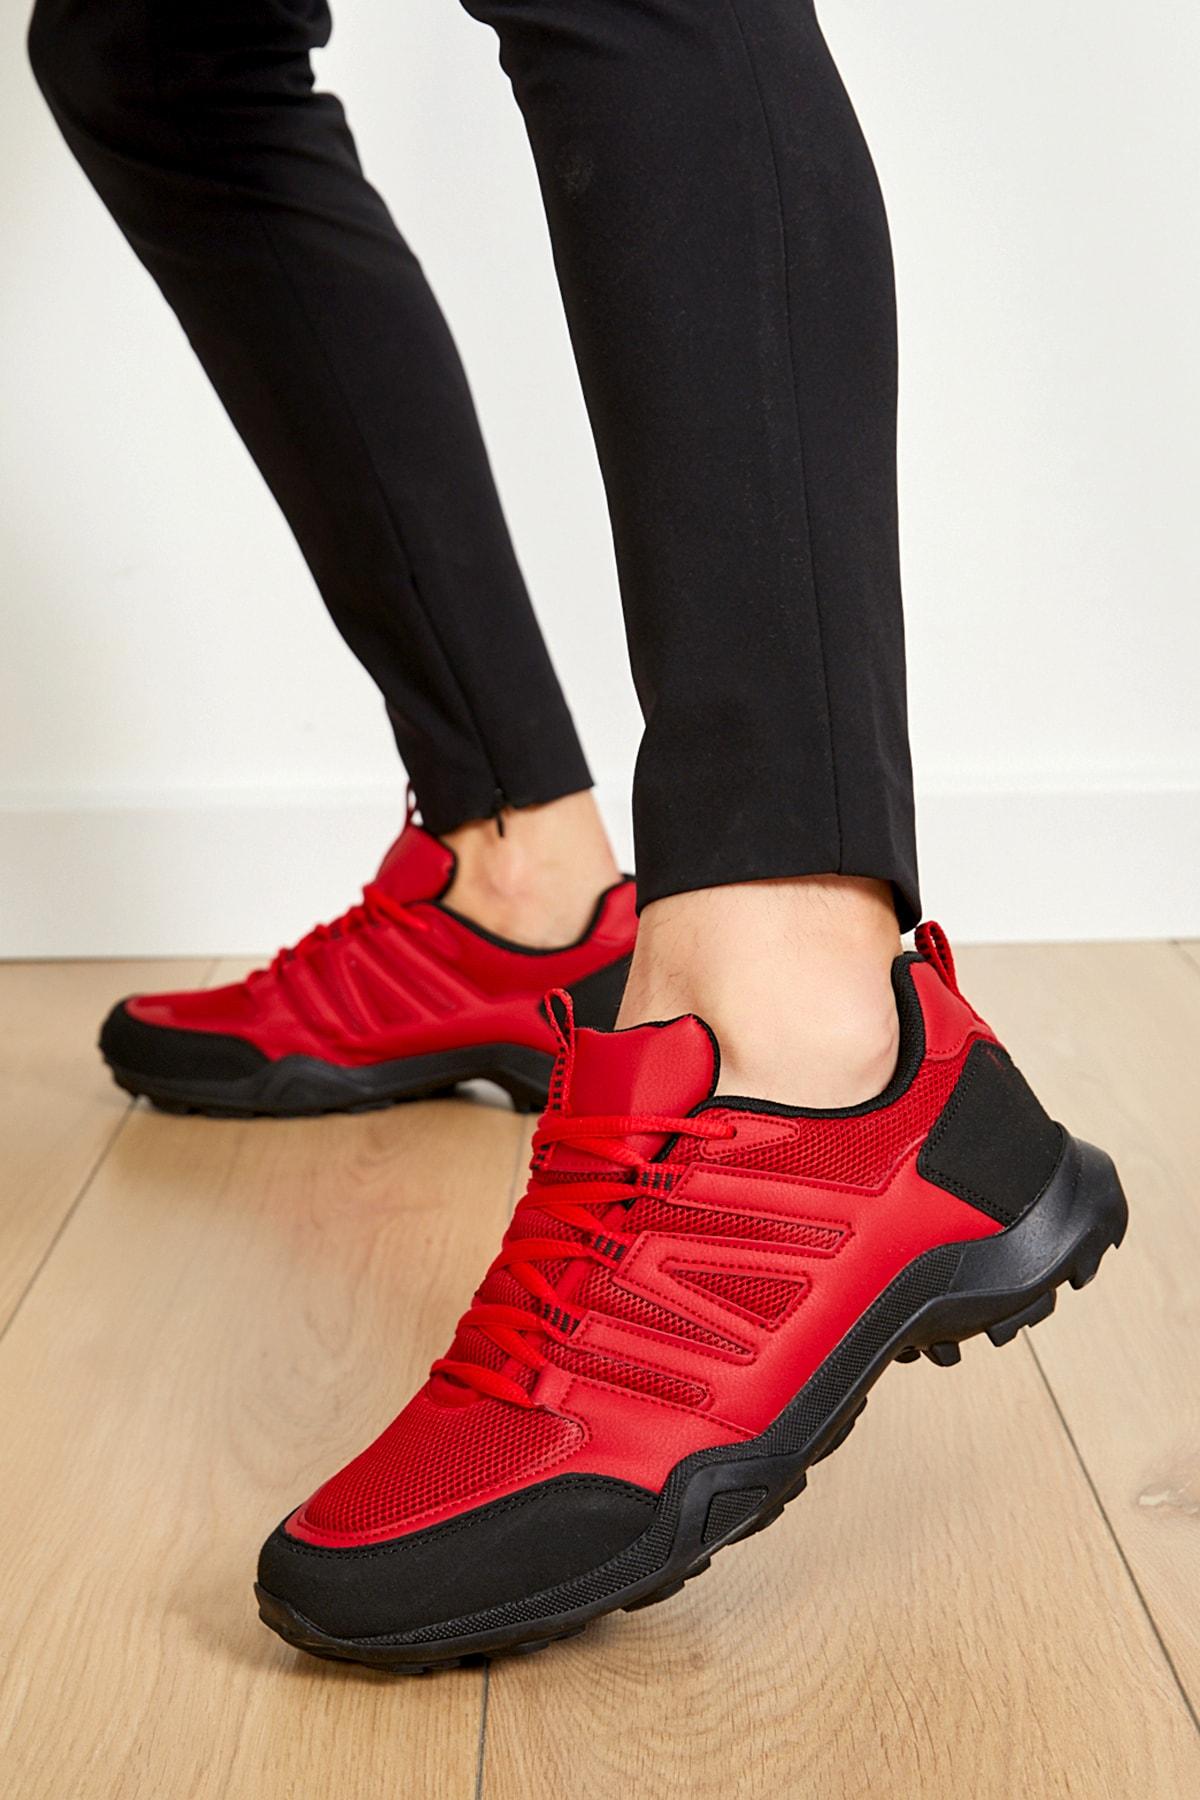 Unisex Kırmızı Siyah Ortopedik Konforlu Outdoor Spor Ayakkabı